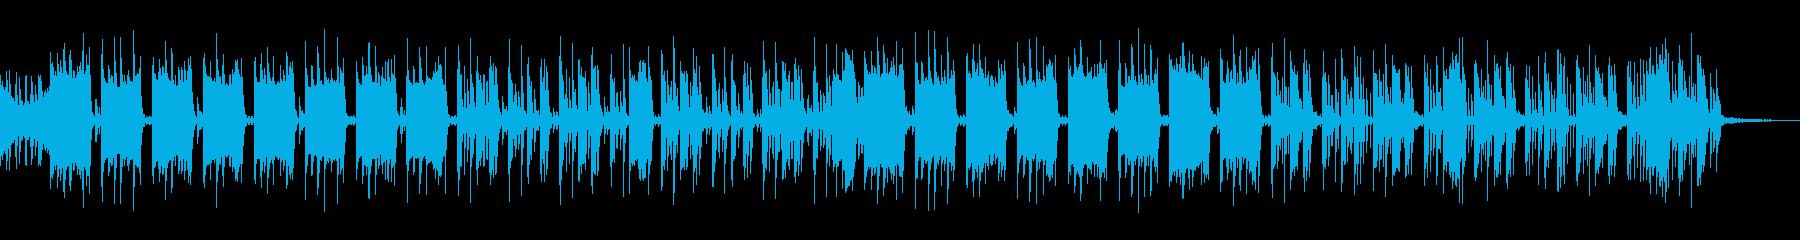 コミカルな曲調のエレクトロニックの再生済みの波形